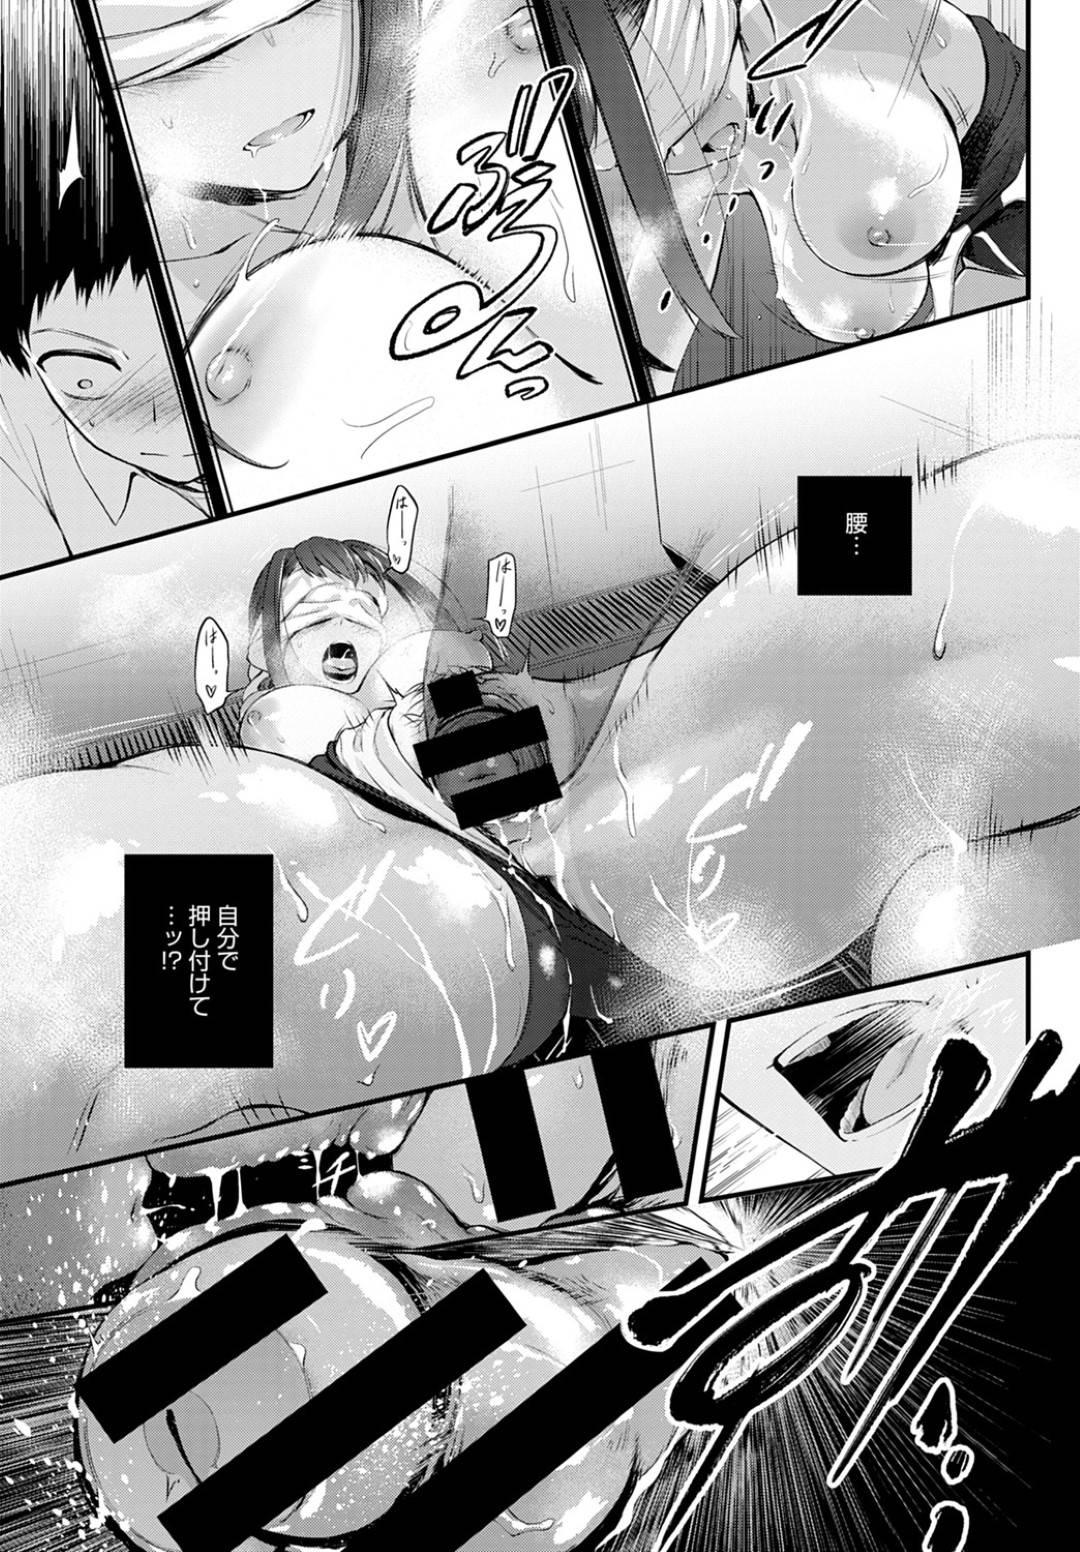 【エロ漫画】欲情した同級生にシャワールームで襲われてしまった褐色水泳女子…彼女は目隠しをさせられてイラマされた挙げ句、中出しセックスさせられる事に!【歯車:Hide and Heat】